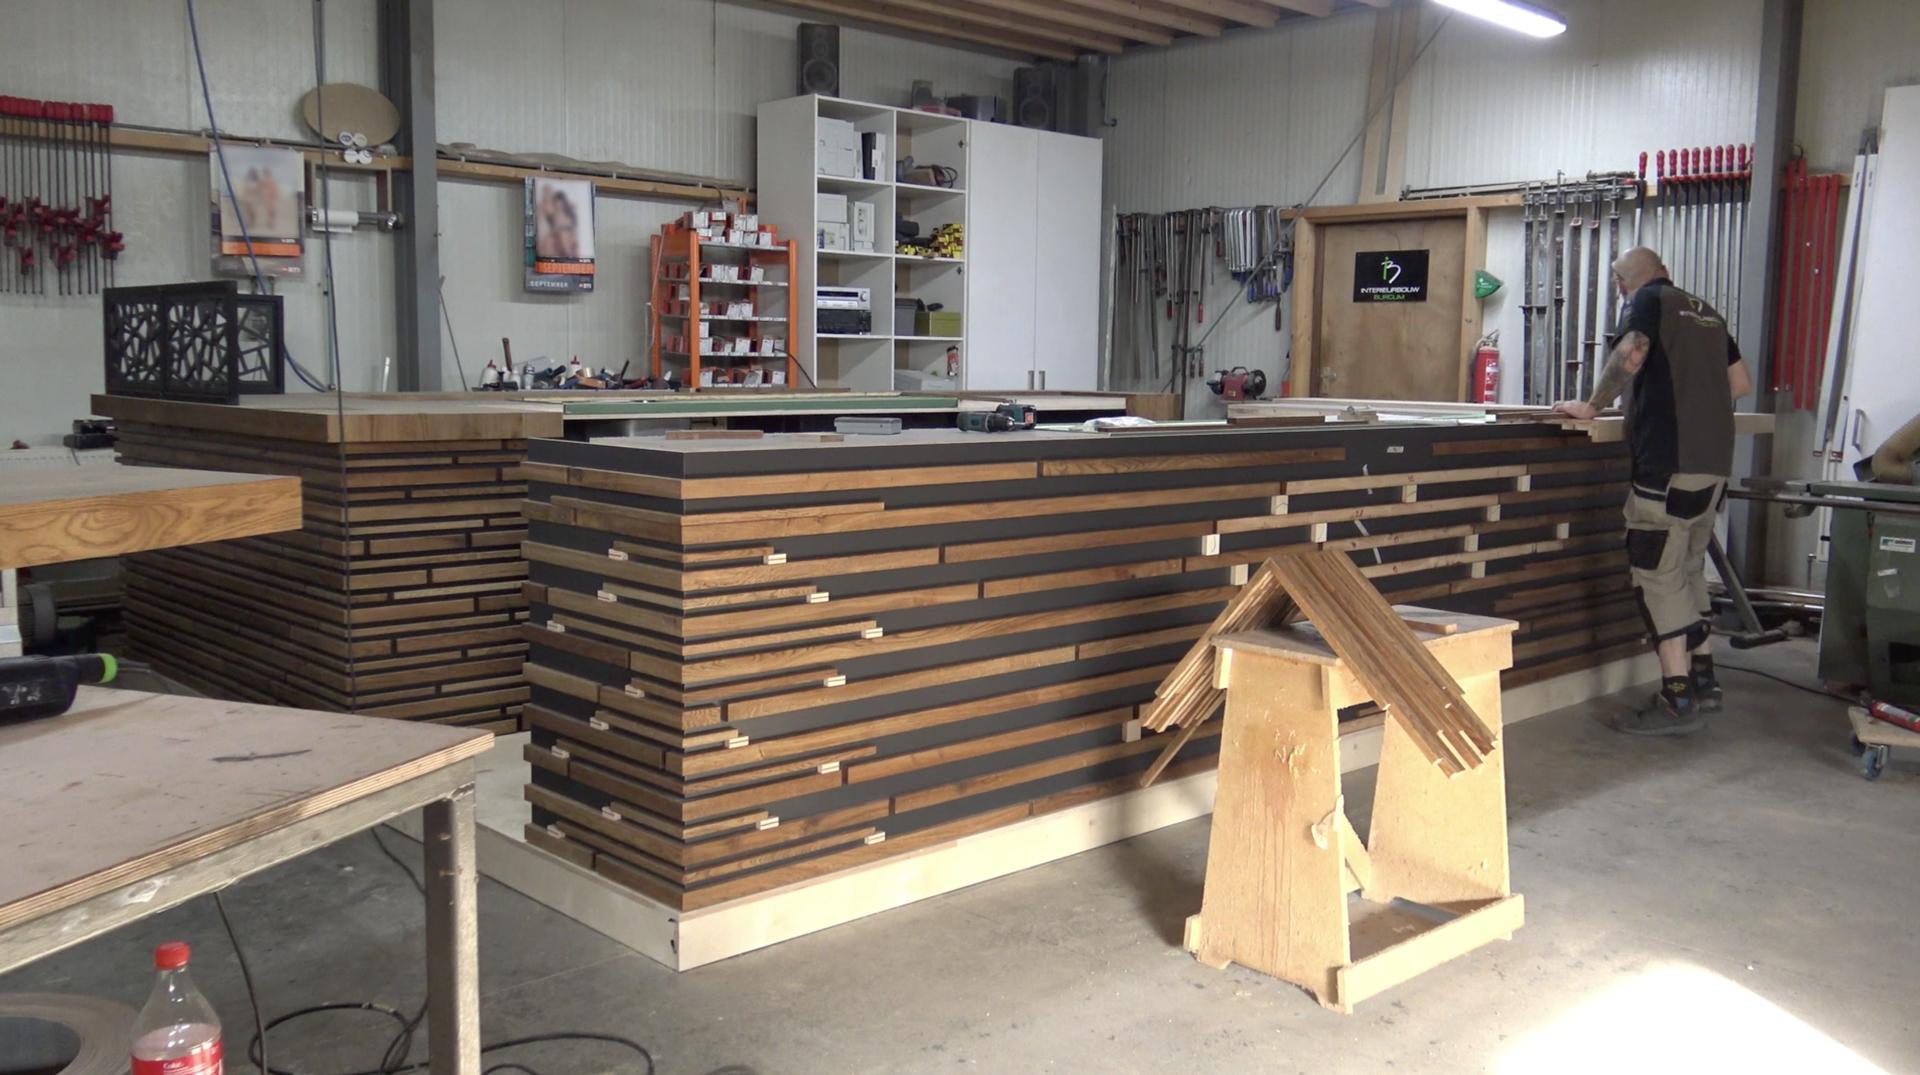 🎥 Interieurbouw Burgum maakt de bar voor het nieuwe sportcafé